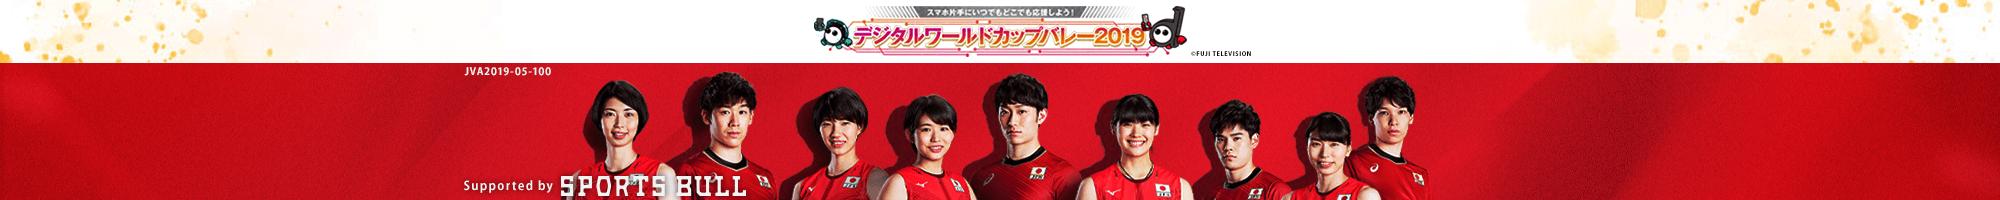 ワールドカップバレー2019 第3日男子 日本(世界ランク11位)vs. チュニジア(世界ランク22位)中垣内祐一監督率いる日本はチュニジアに対し、セットカウント3-0のストレート…